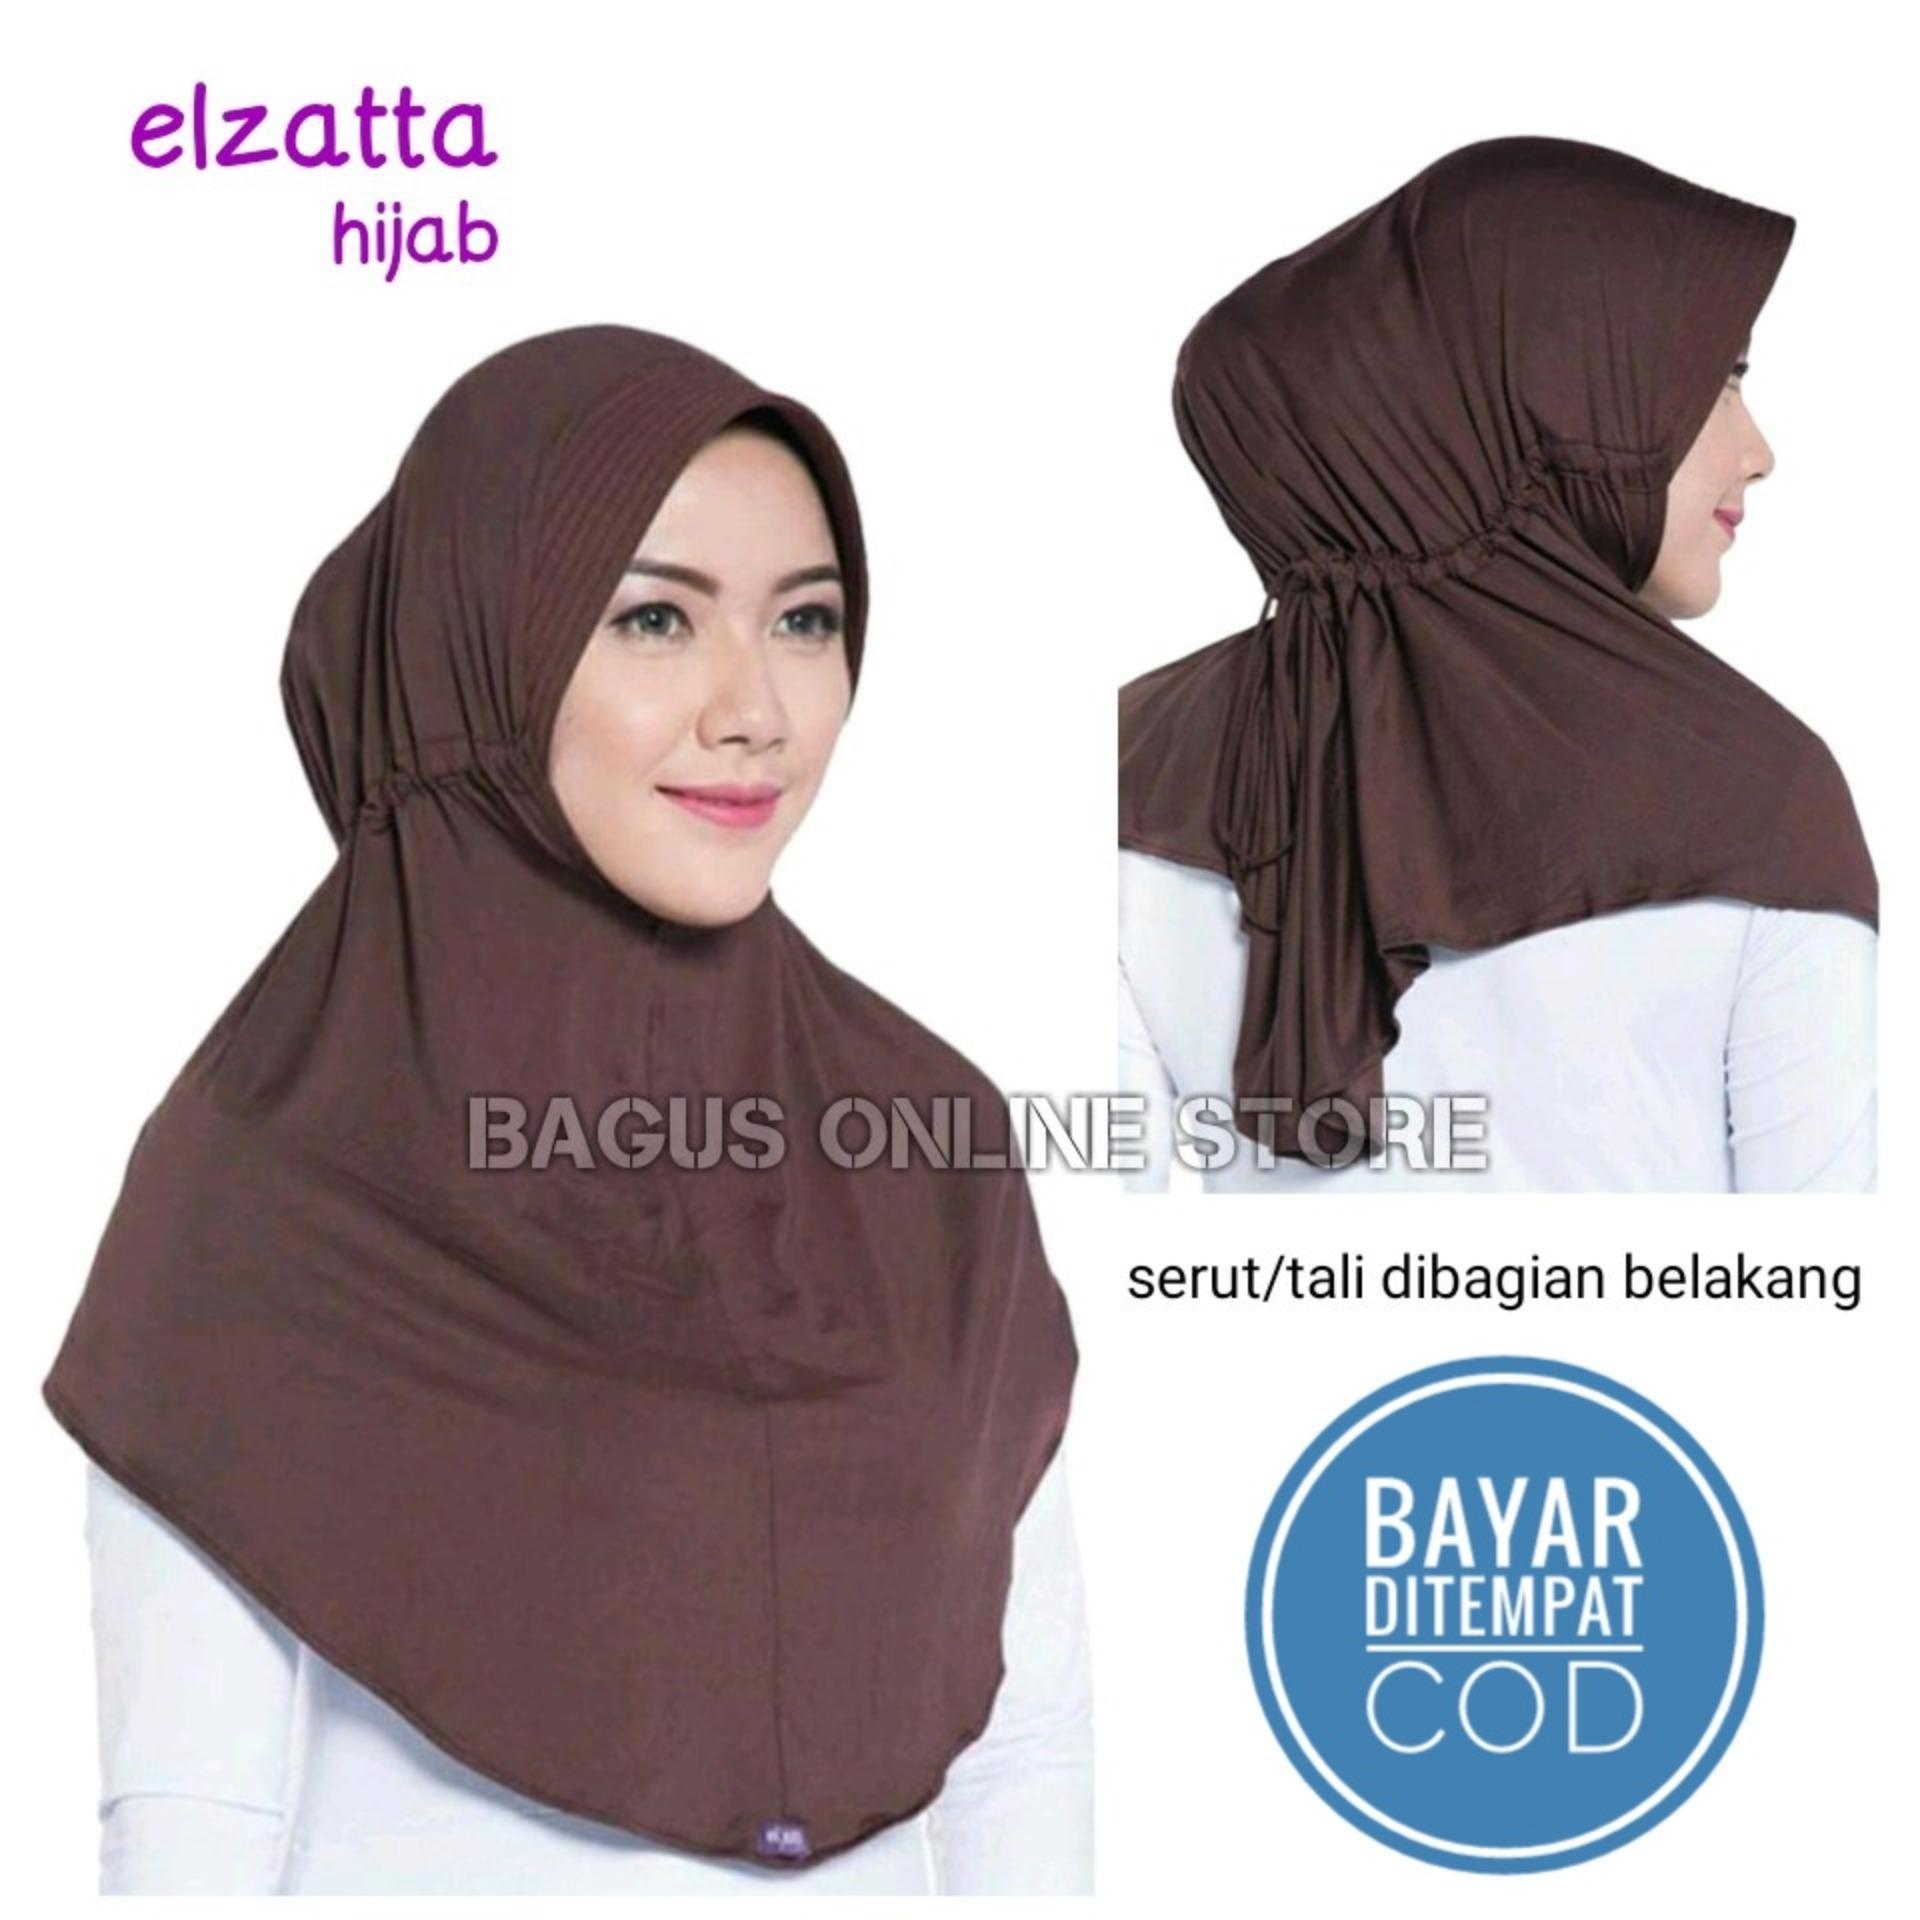 Elzatta Hijab / Jilbab Hijab Instan Bergo Kerudung Elzatta